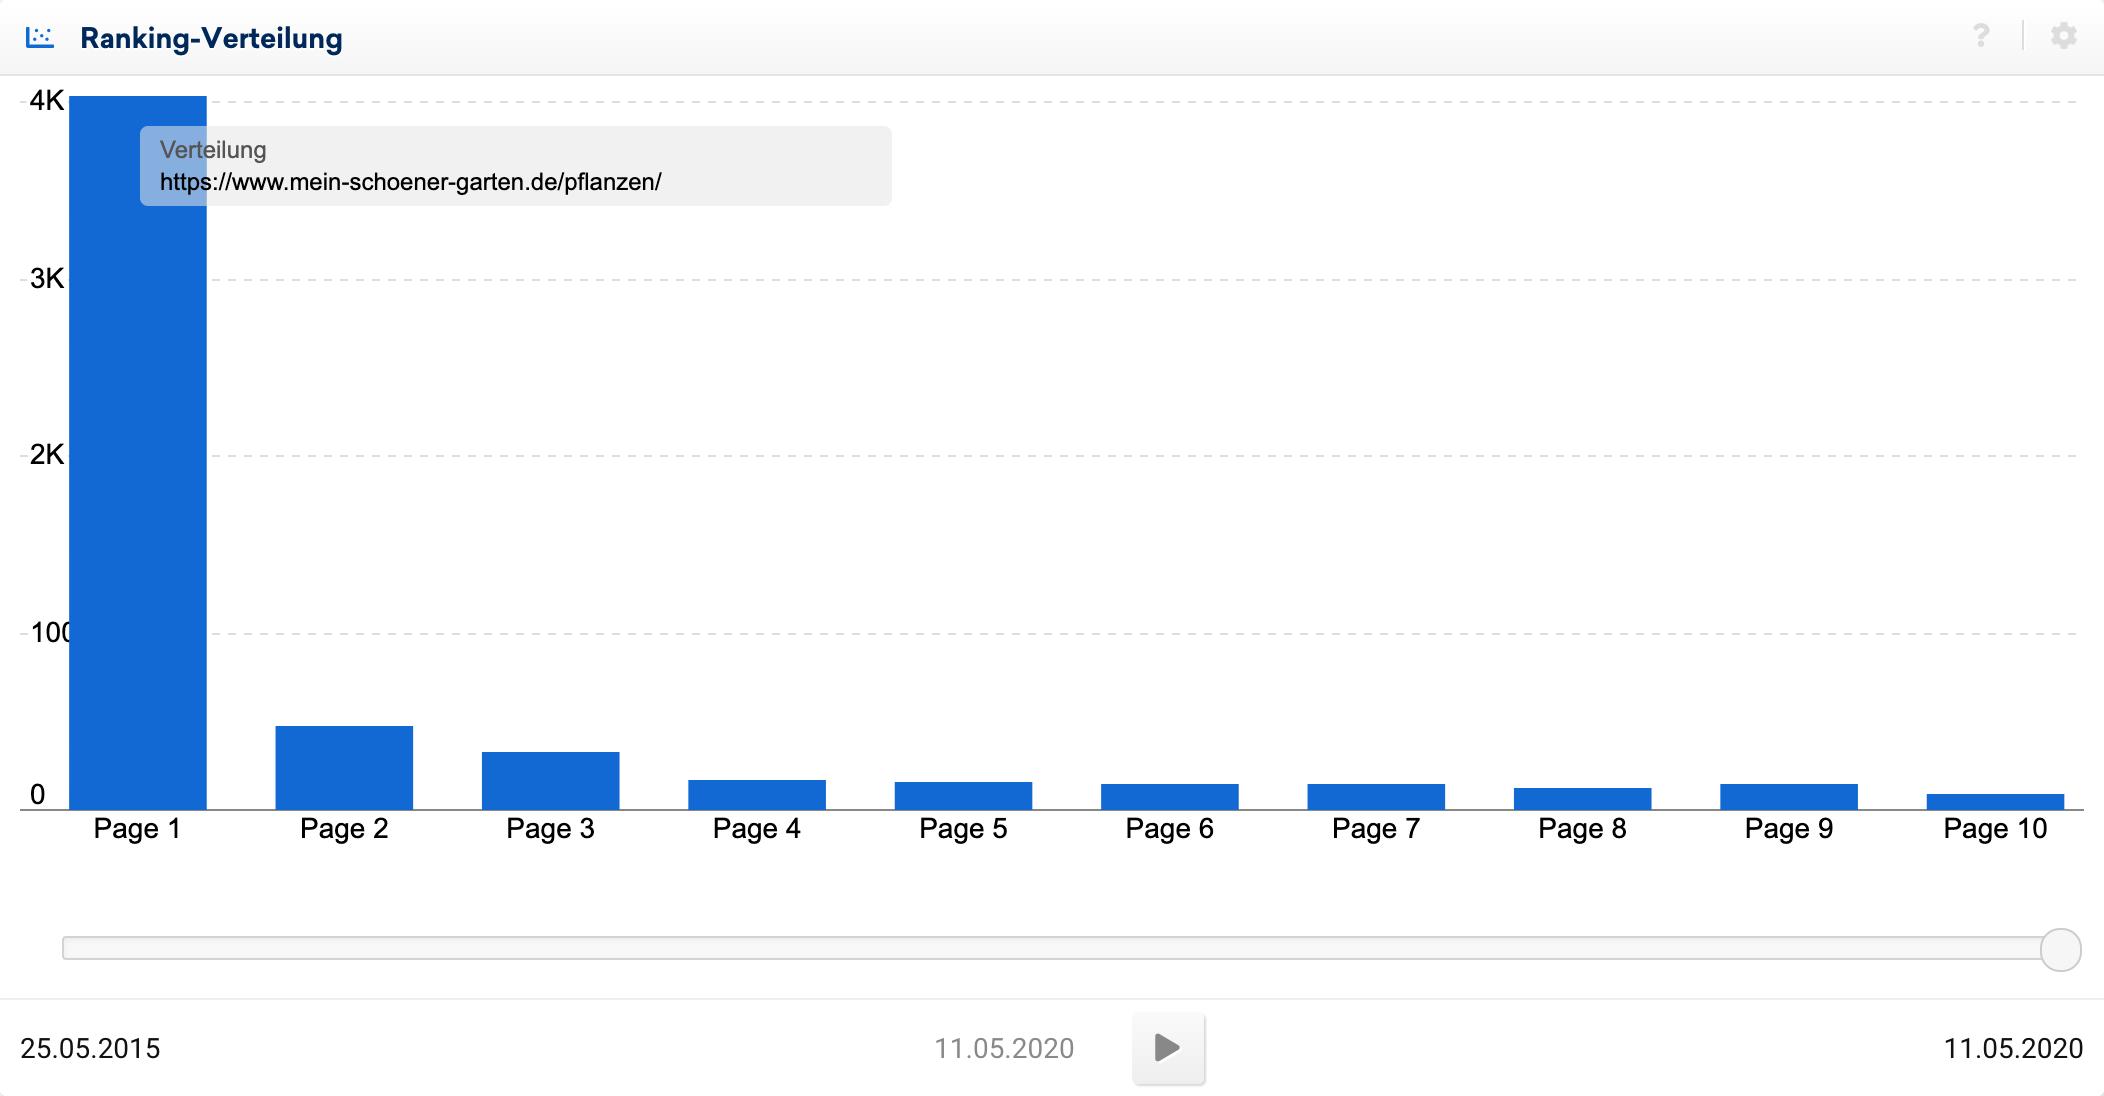 Ranking-Verteilung für das Unterverzeichnis, mein-schoener-garten.de/pflanzen/. Gut 70% der Rankings sind auf der ersten Seite zu finden, insgesamt über 4000.